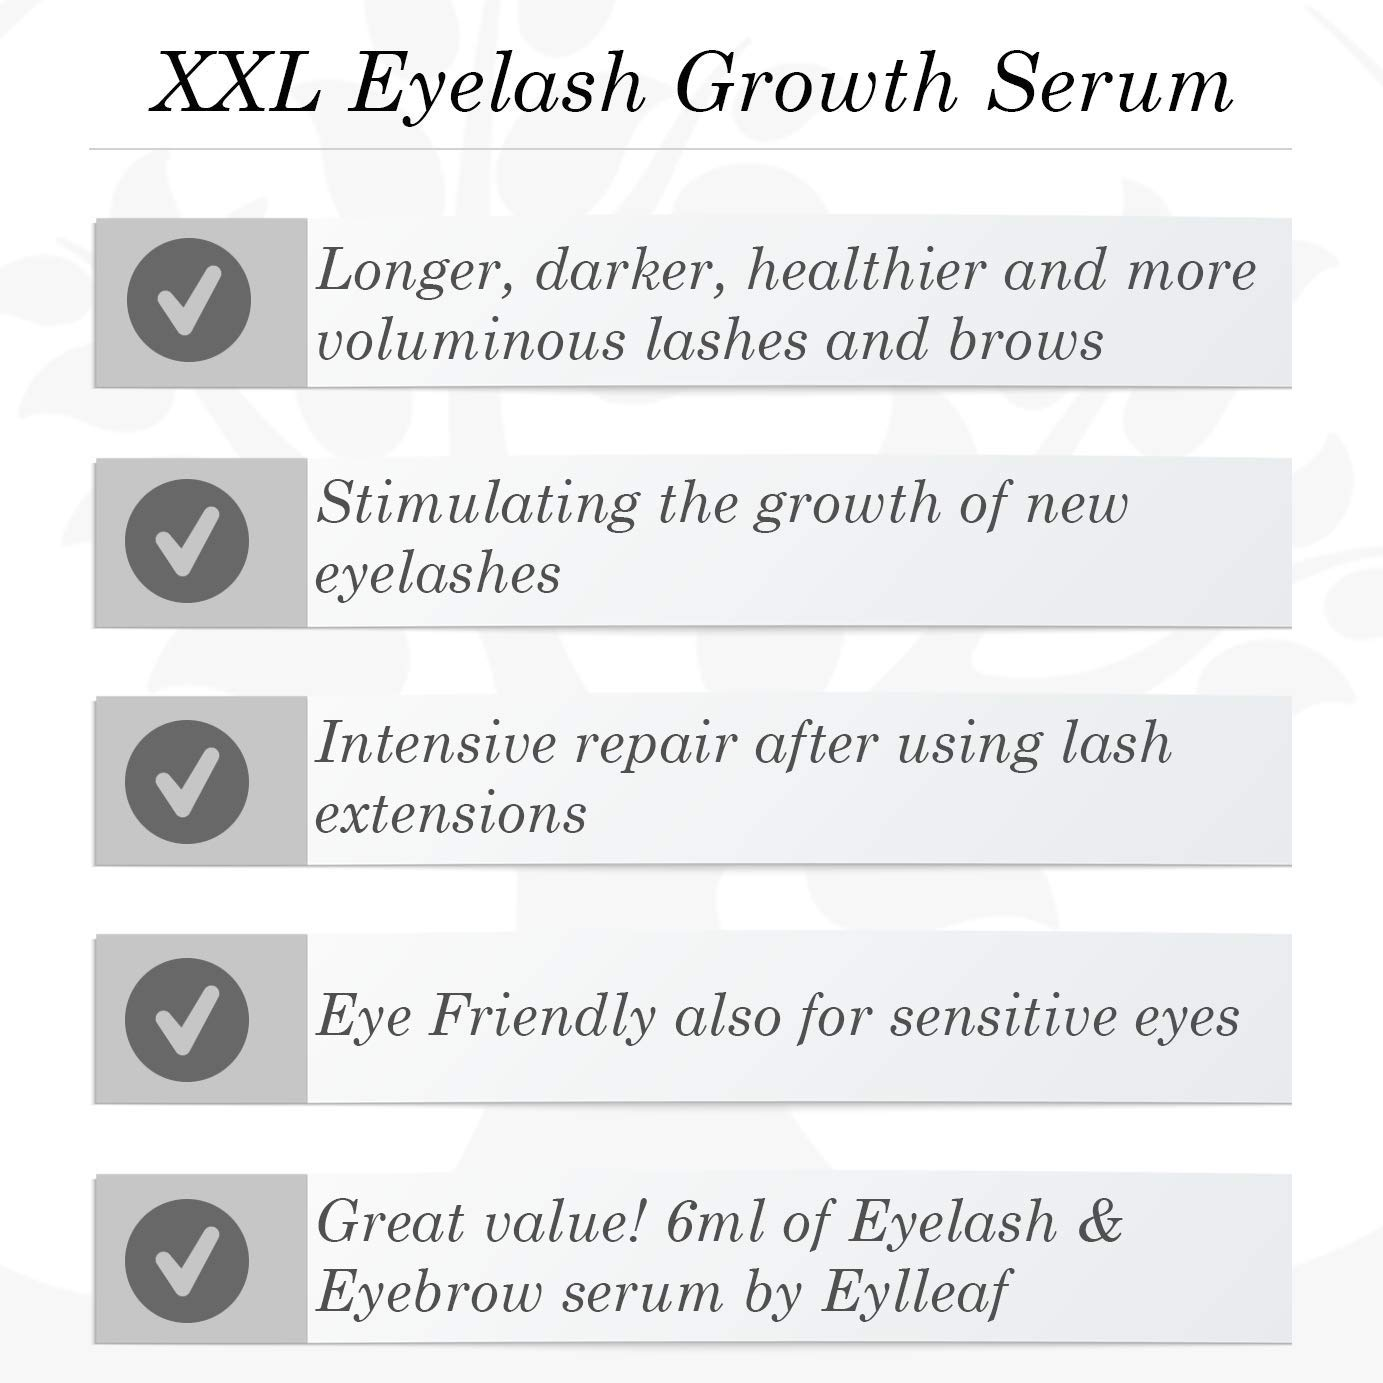 7bd99180707 Eyelash Serum by Eylleaf | Eyebrow and Eyelash Growth Serum for Long  Eyelashes and Thick Eyebrows: Amazon.co.uk: Beauty